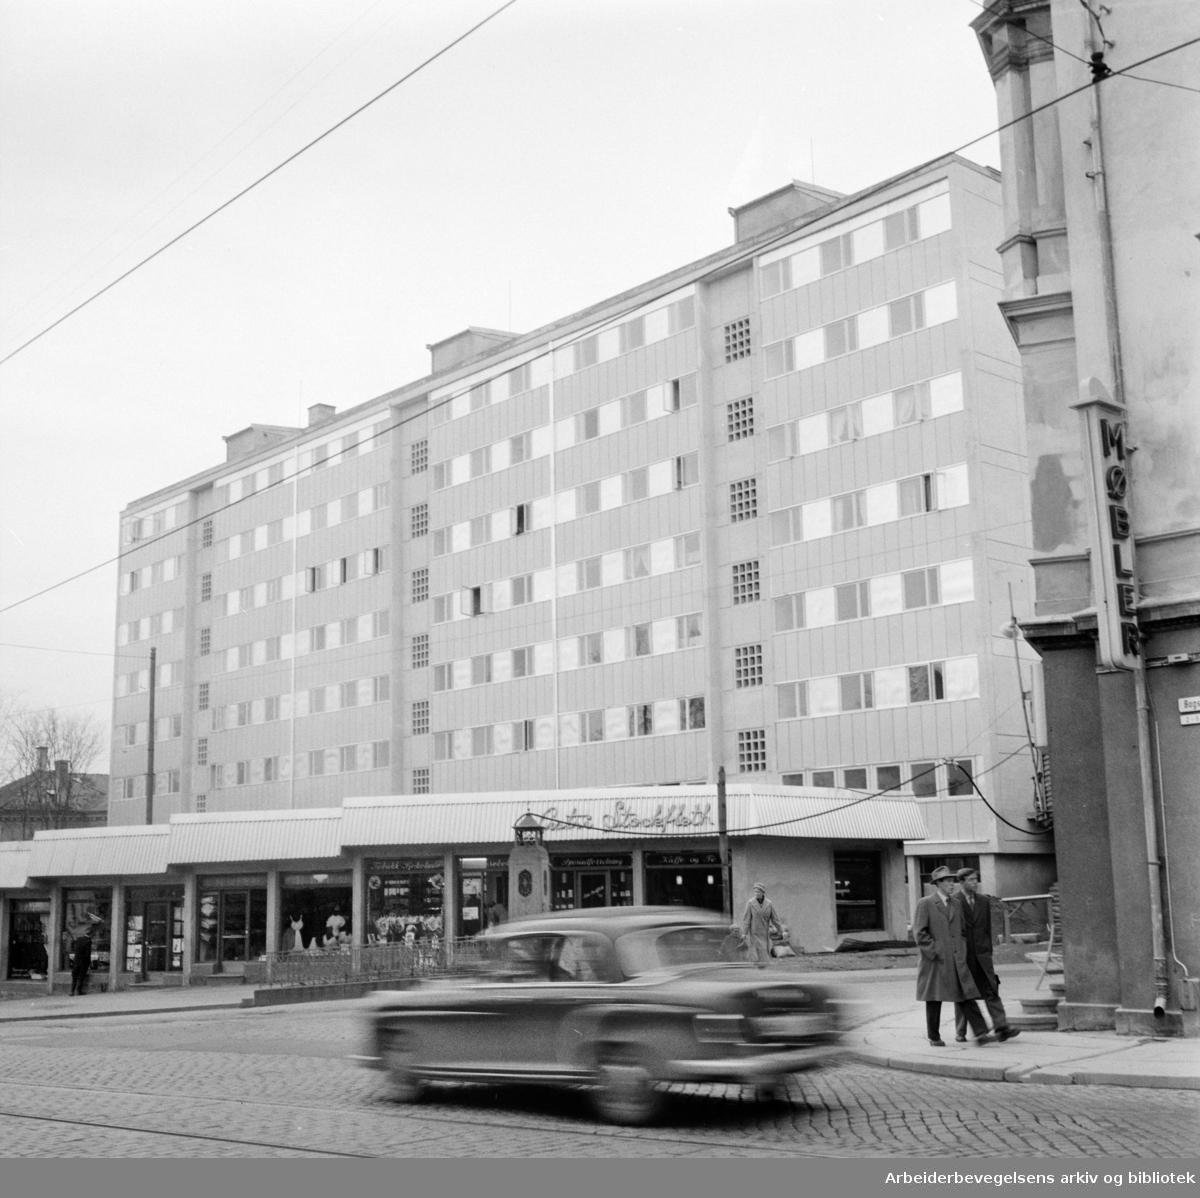 Bogstadveien. Nybygg på hjørnet av Bogstadveien / Oscarsgate. Mai 1957